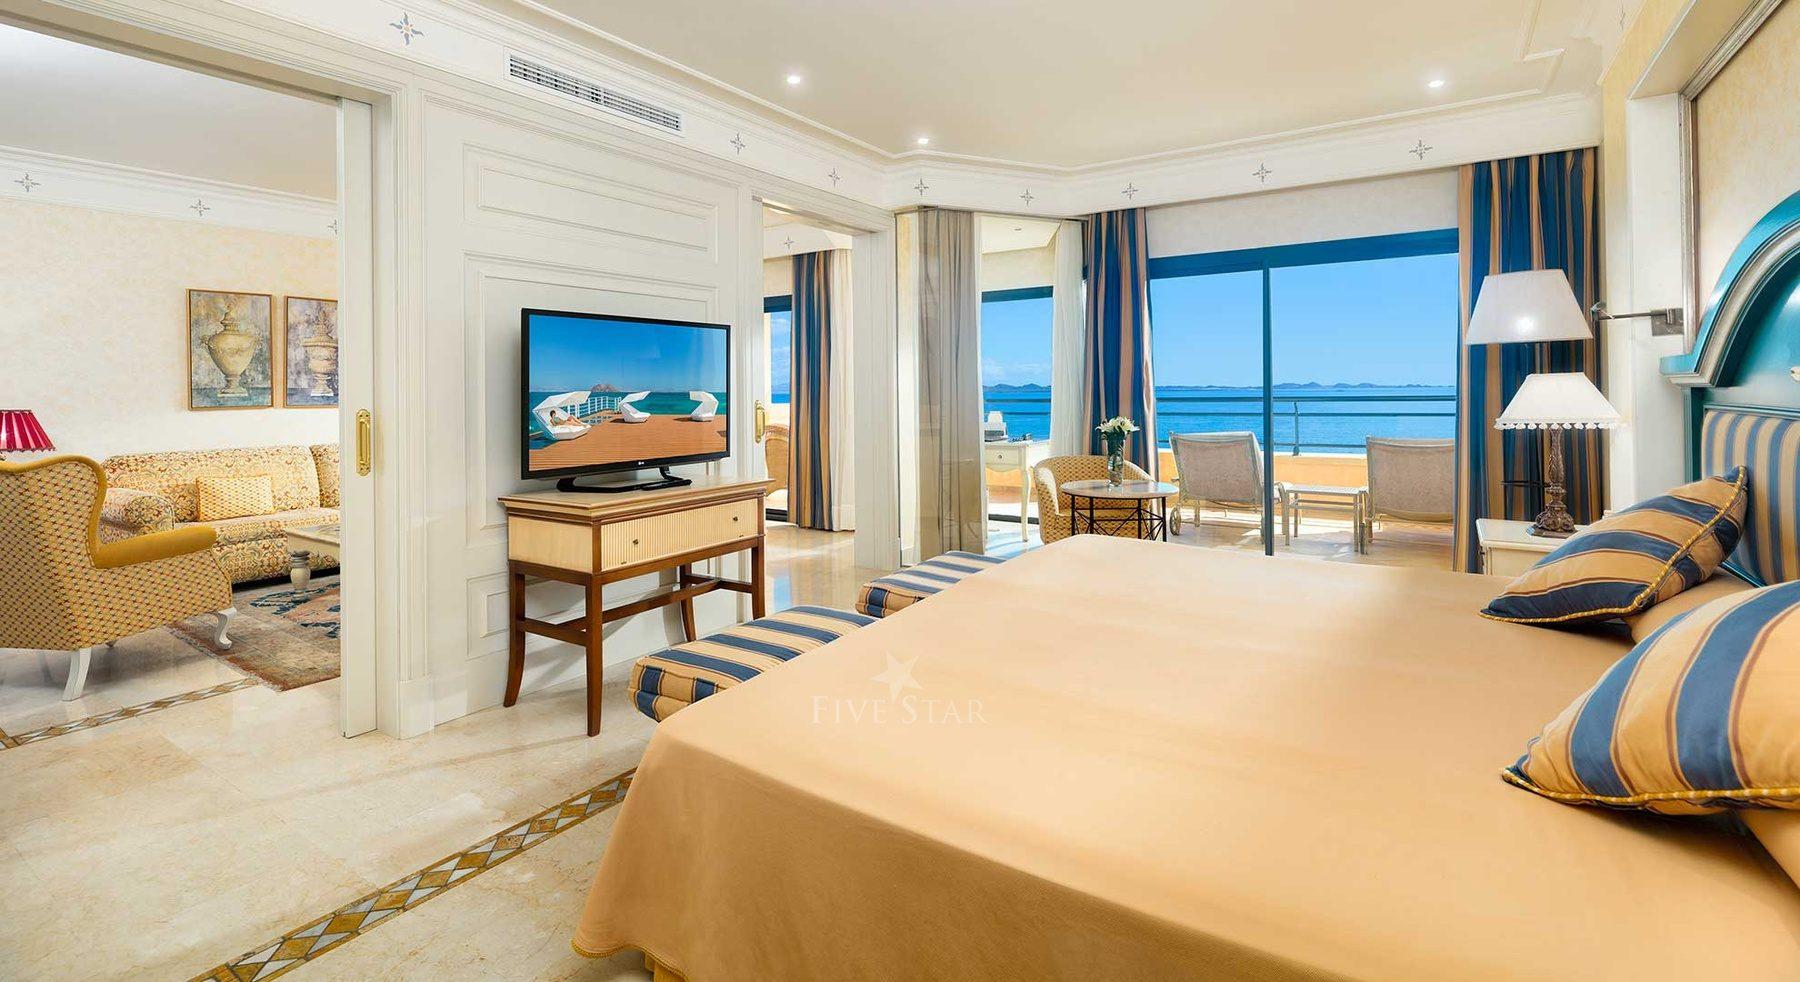 Gran Hotel Atlantis Bahia Real photo 18